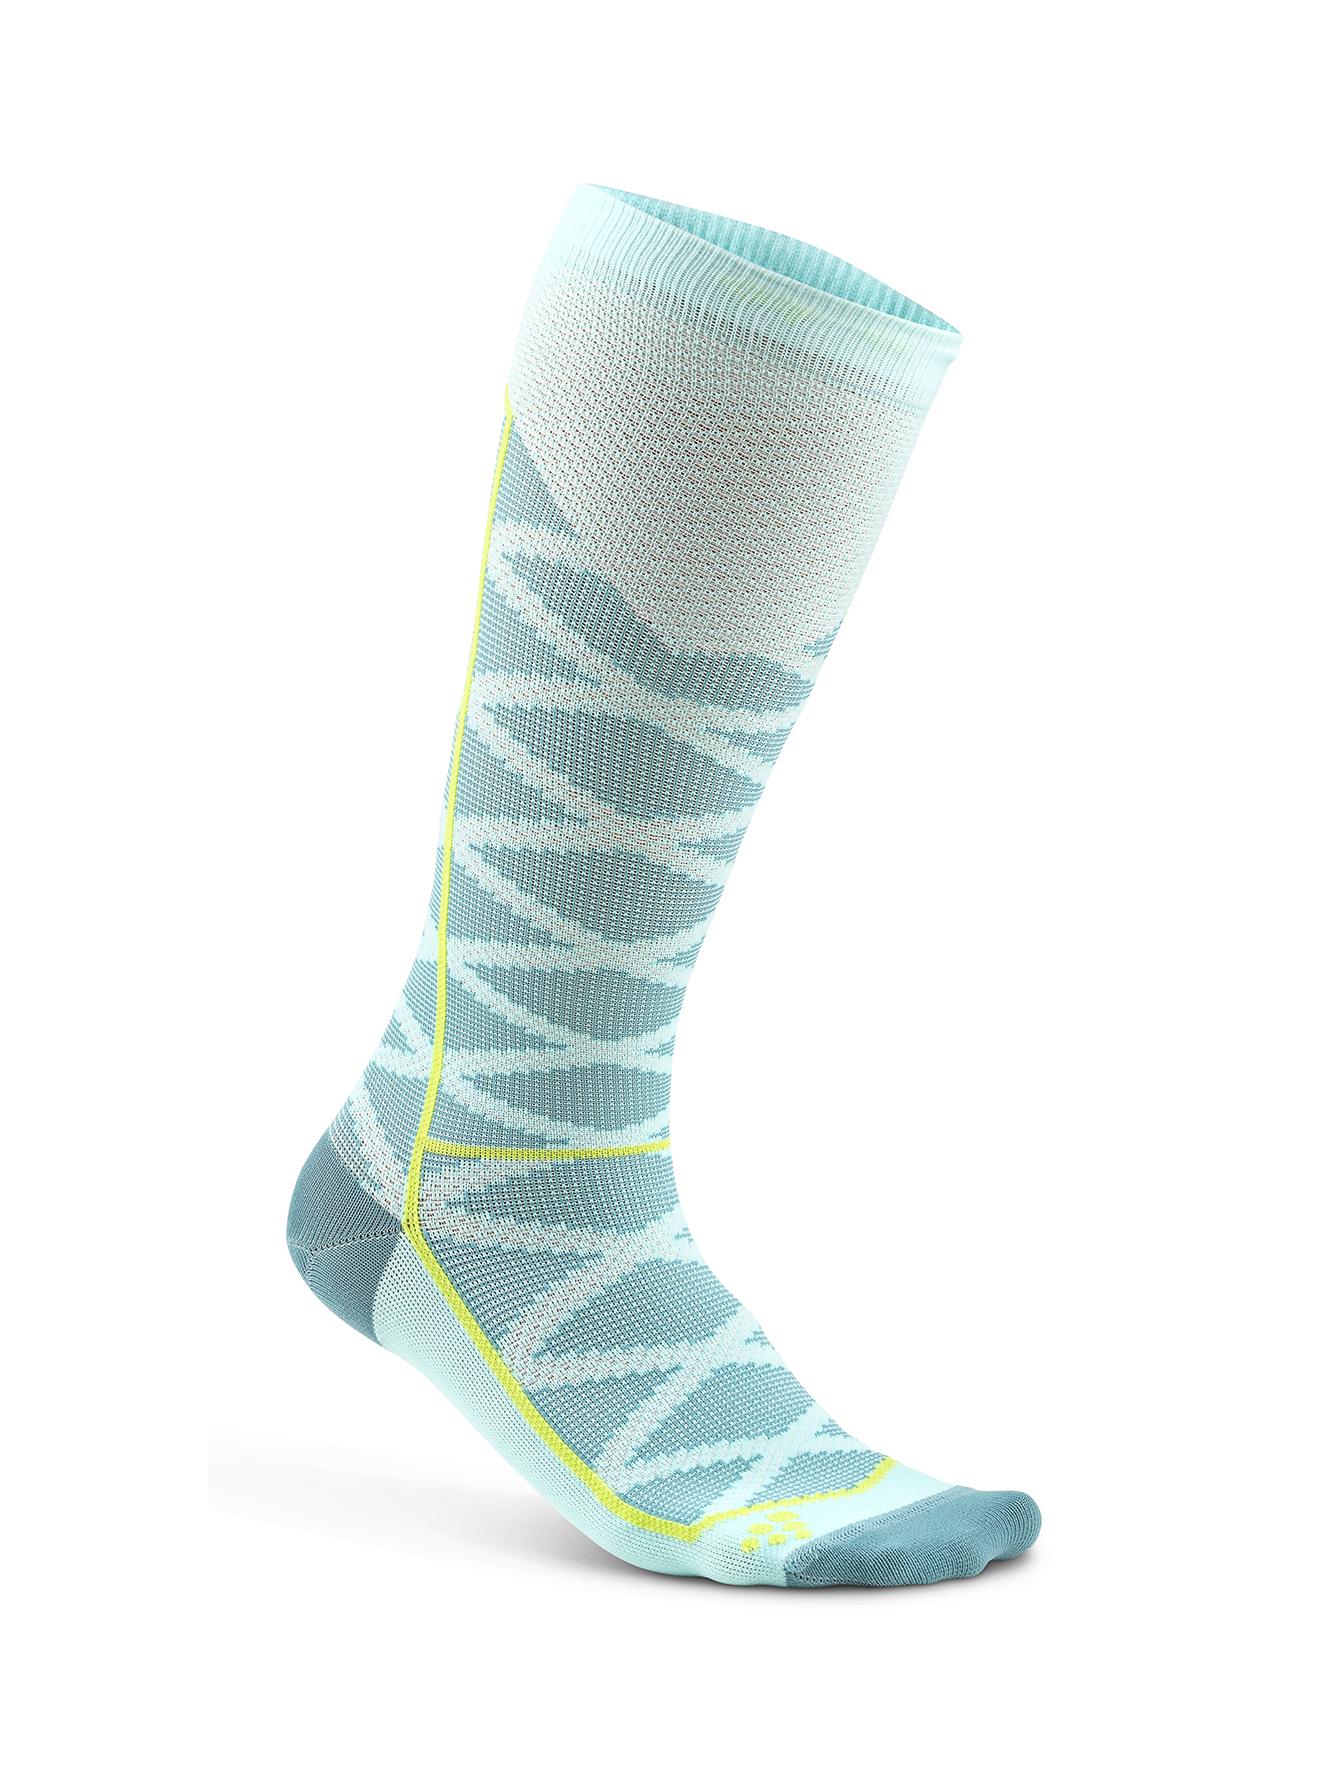 d2c0474731393 Компрессионные носки Craft Compression Pattern 1906063-619610 купить в  интернет-магазине Five-sport с доставкой по России и Москве